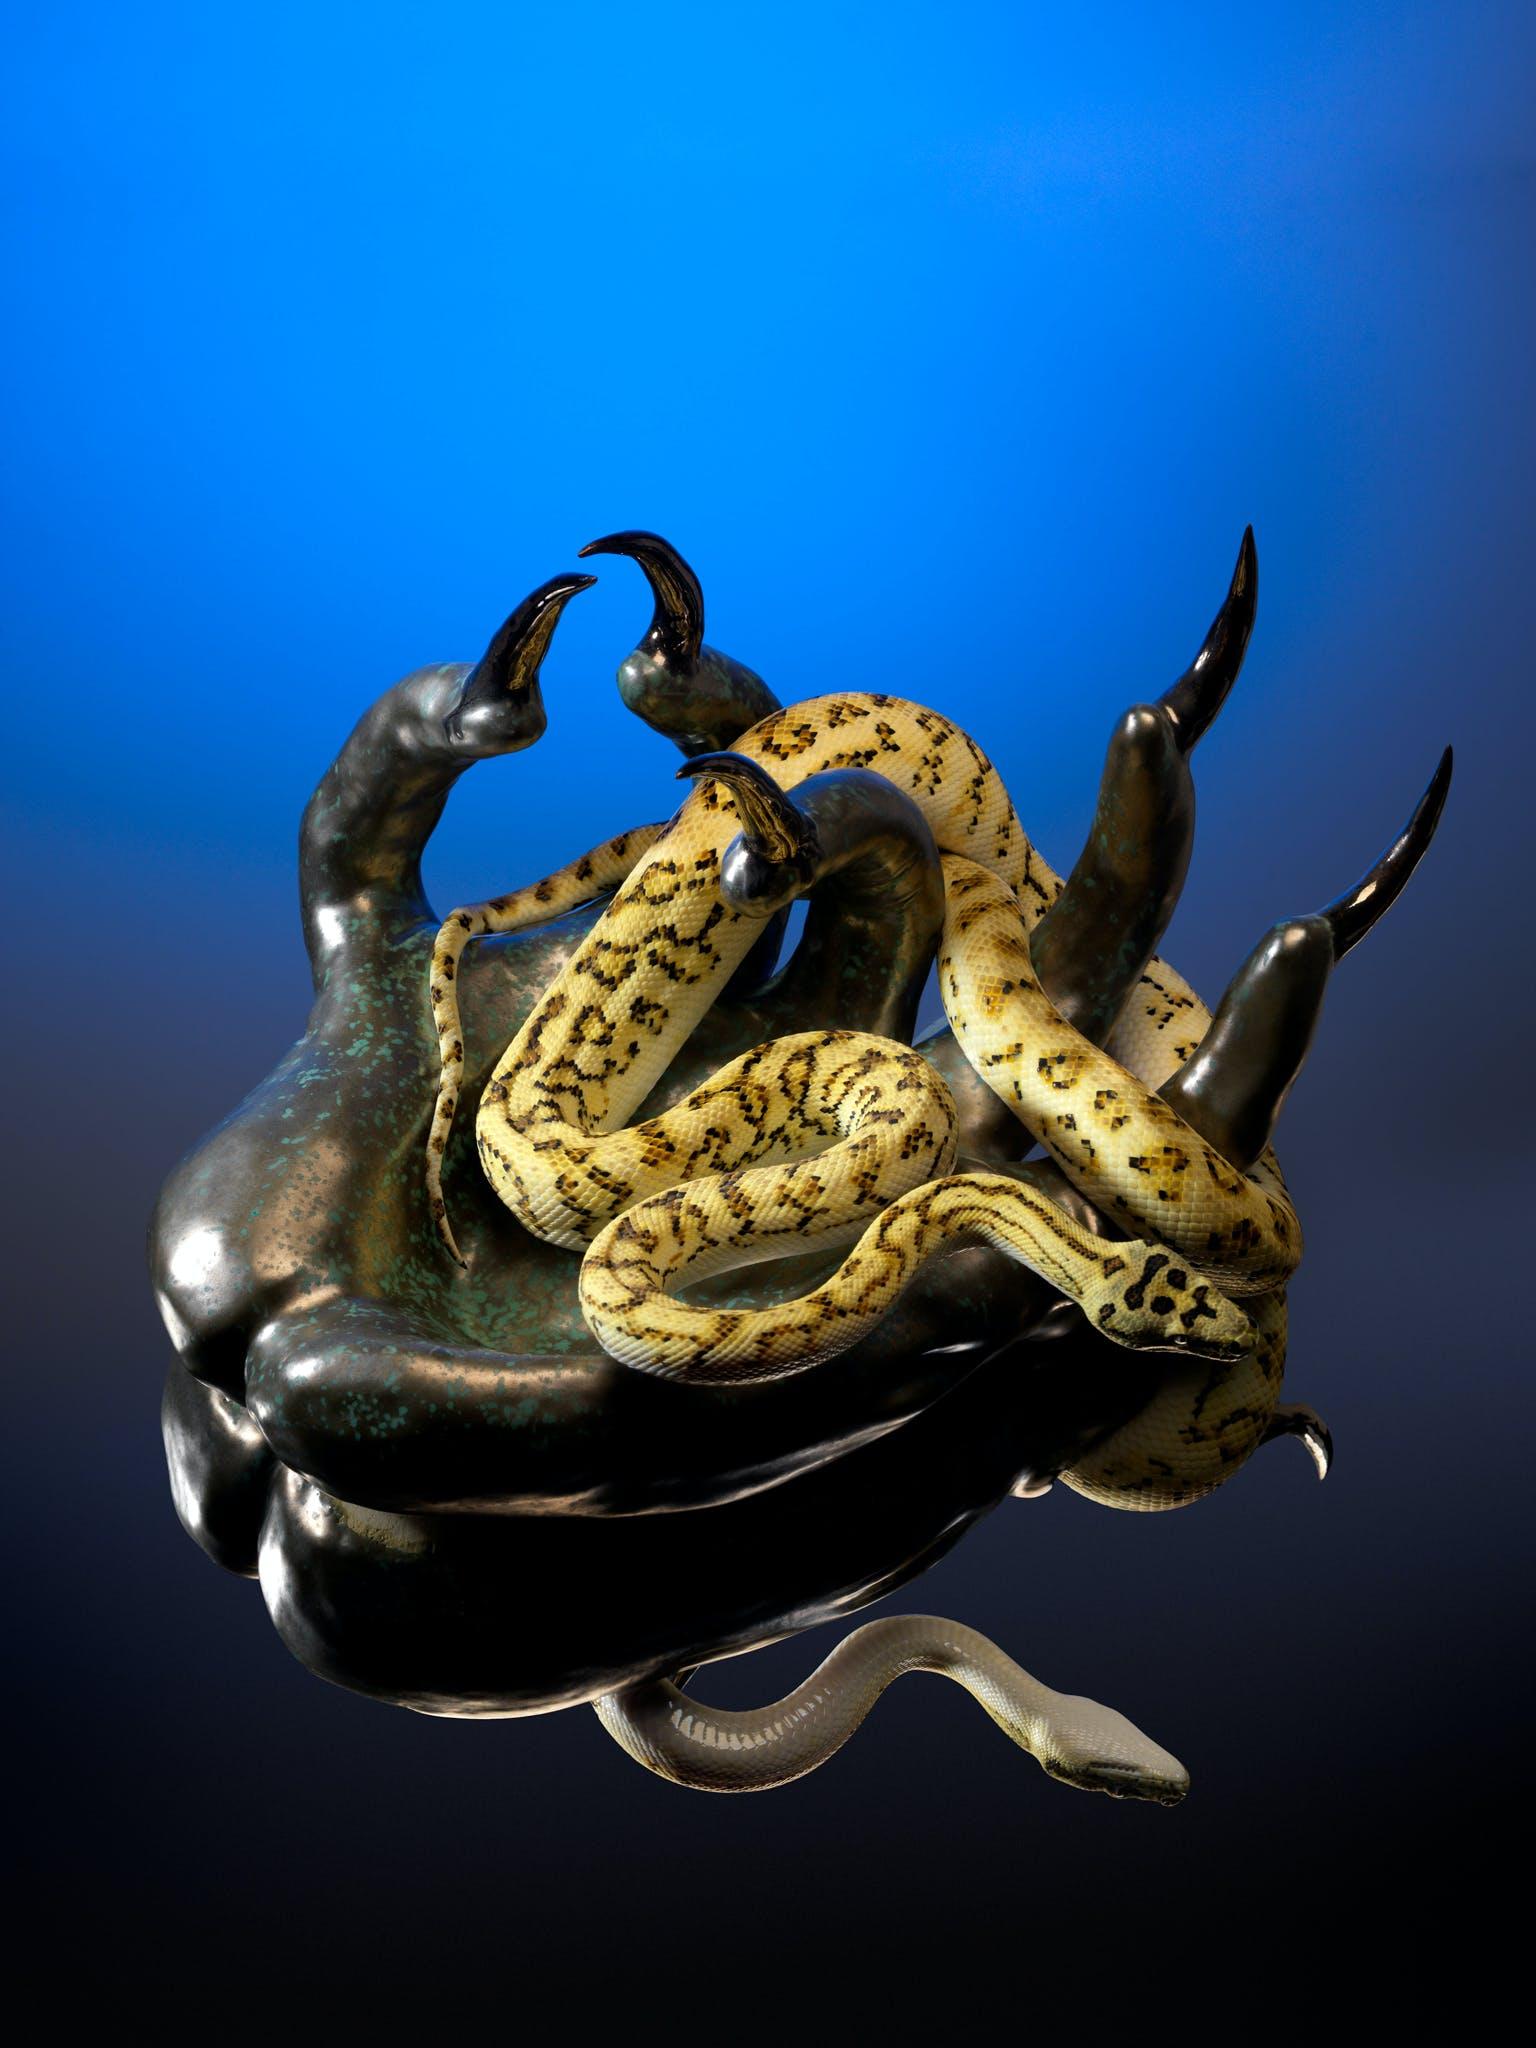 Naomi Gilon, Charmeuse de serpent, 2020, stampa su carta lucida, 120 x 84 cm